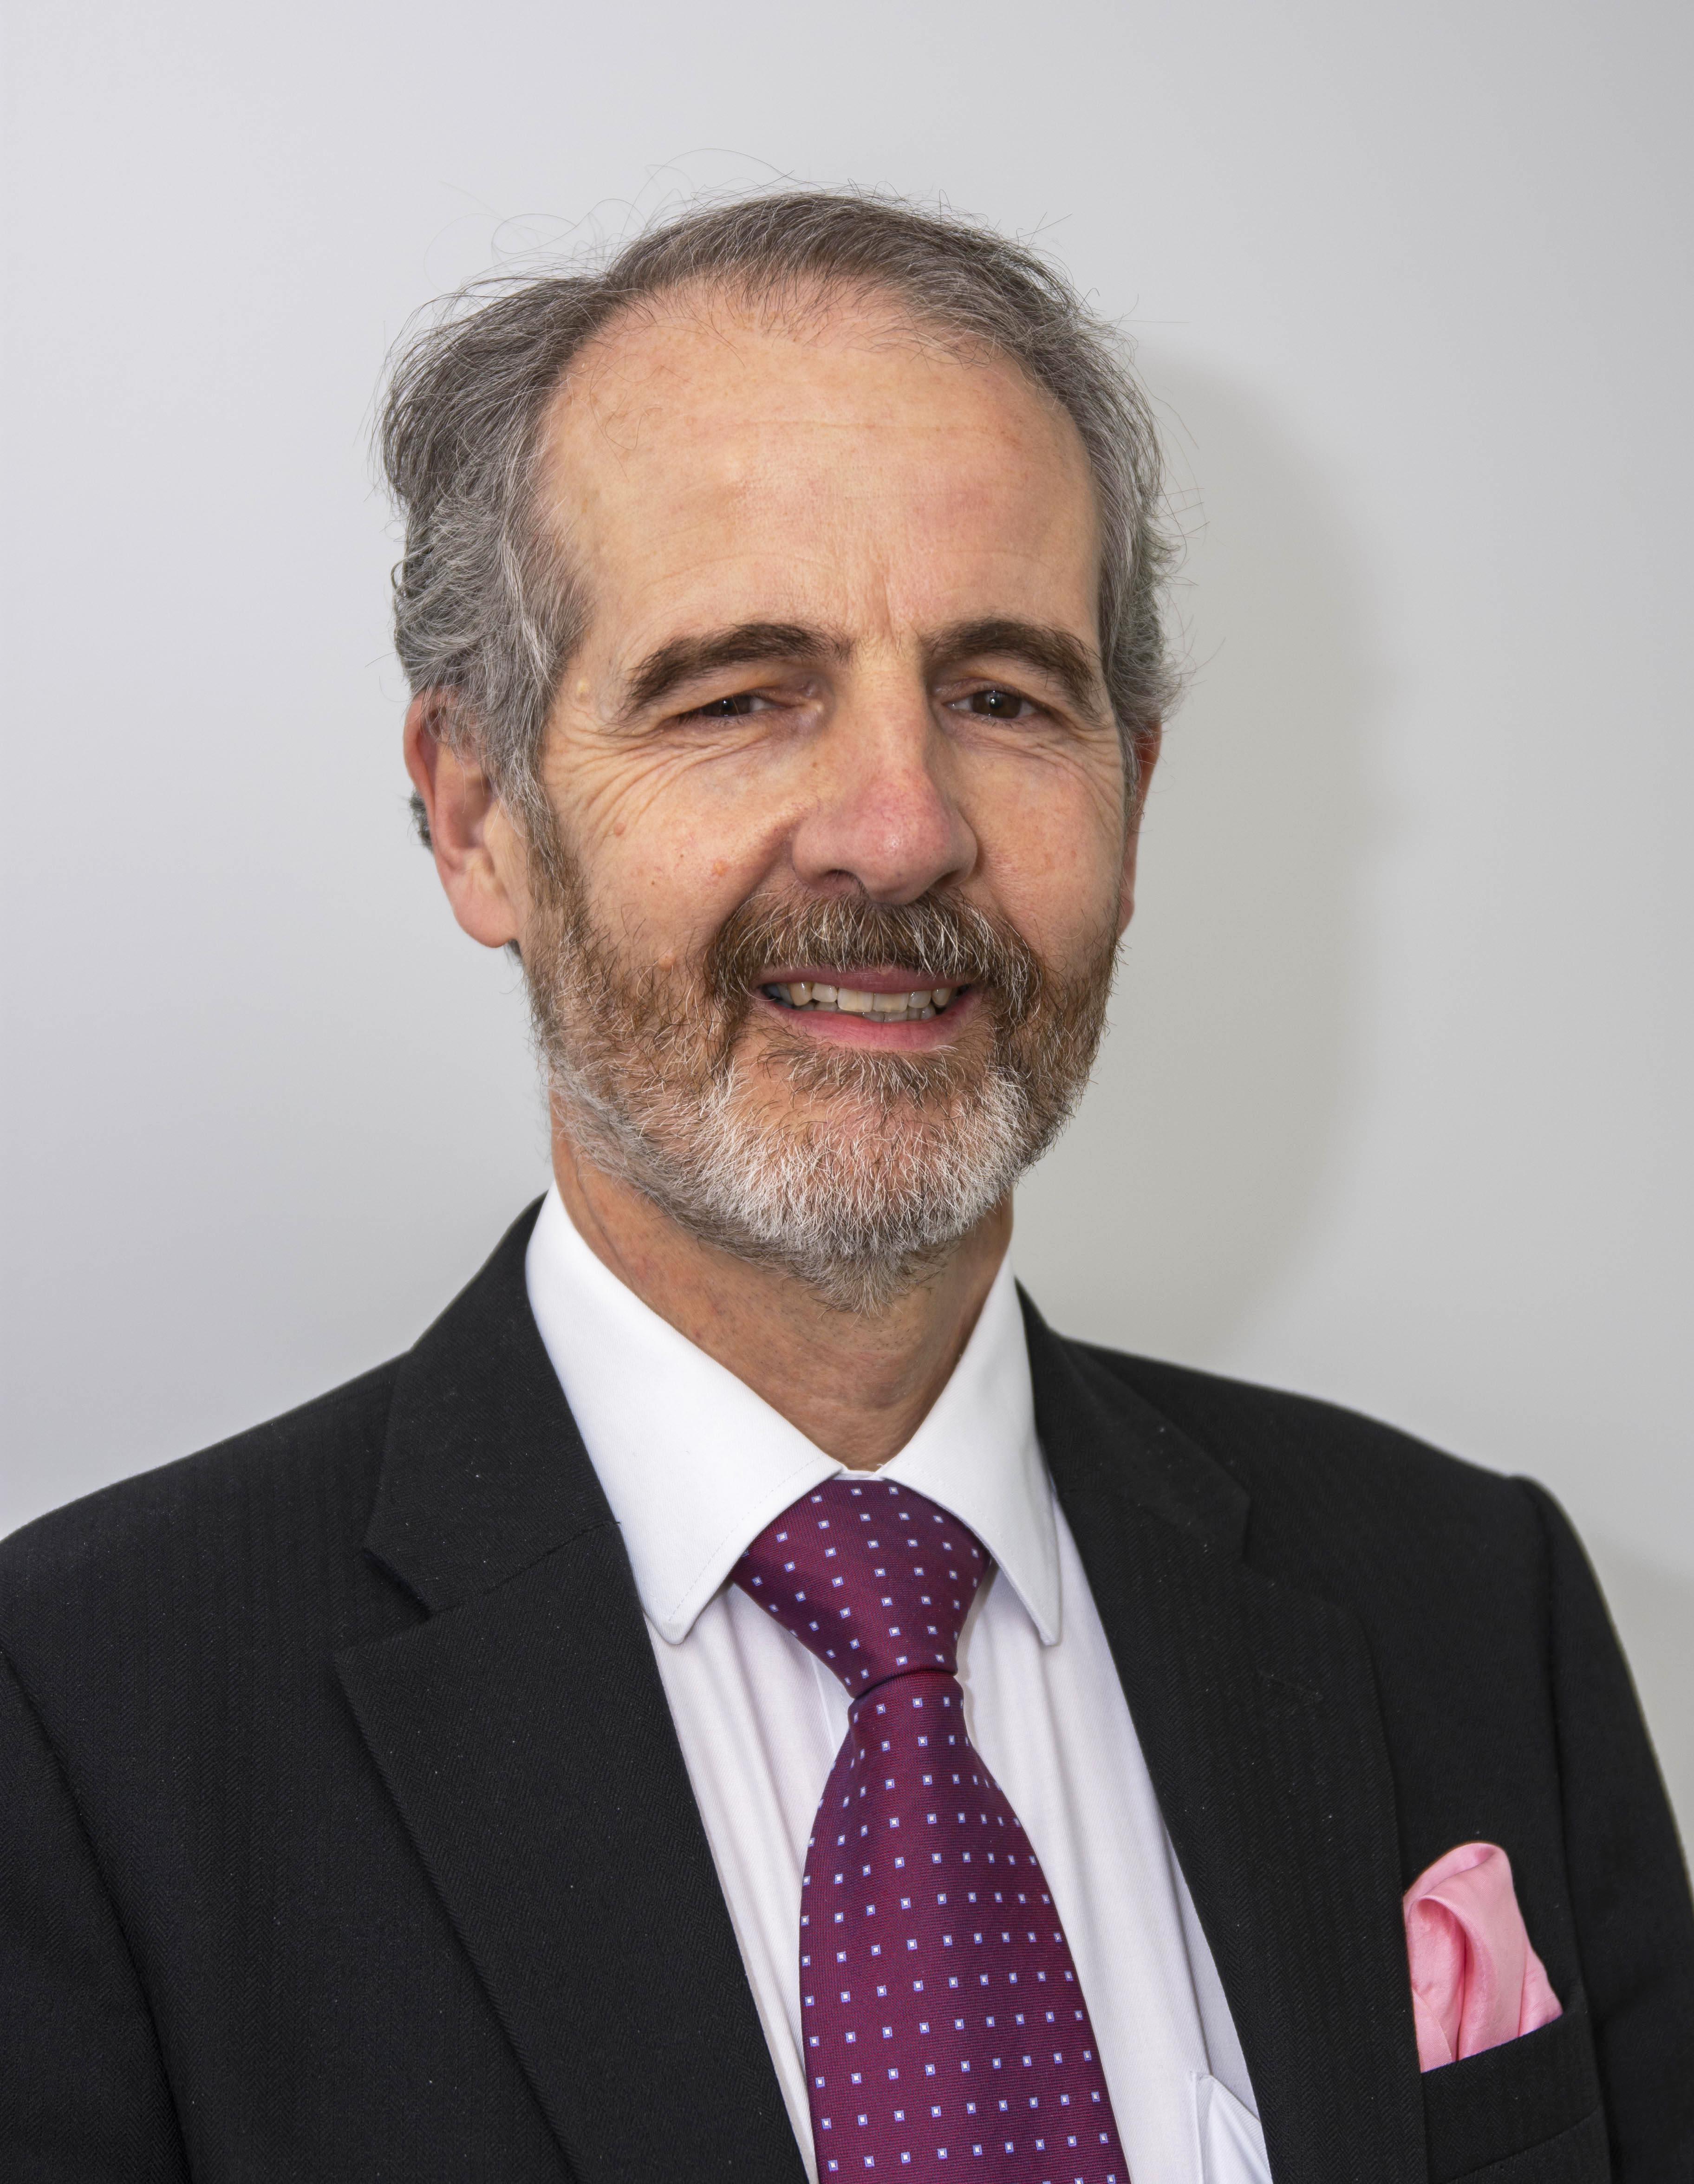 Mr Mike Hallissey